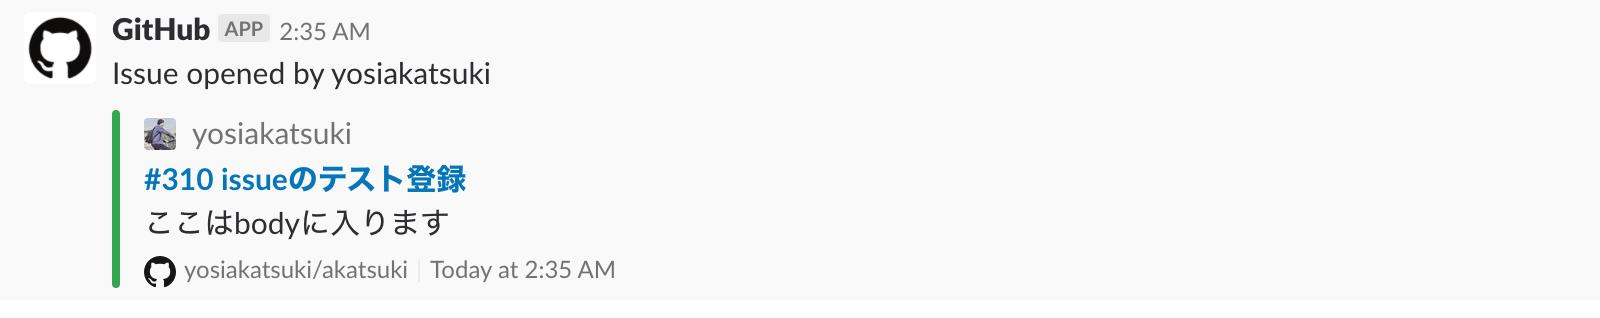 GitHub Appを有効化しておくと、登録結果を通知できる